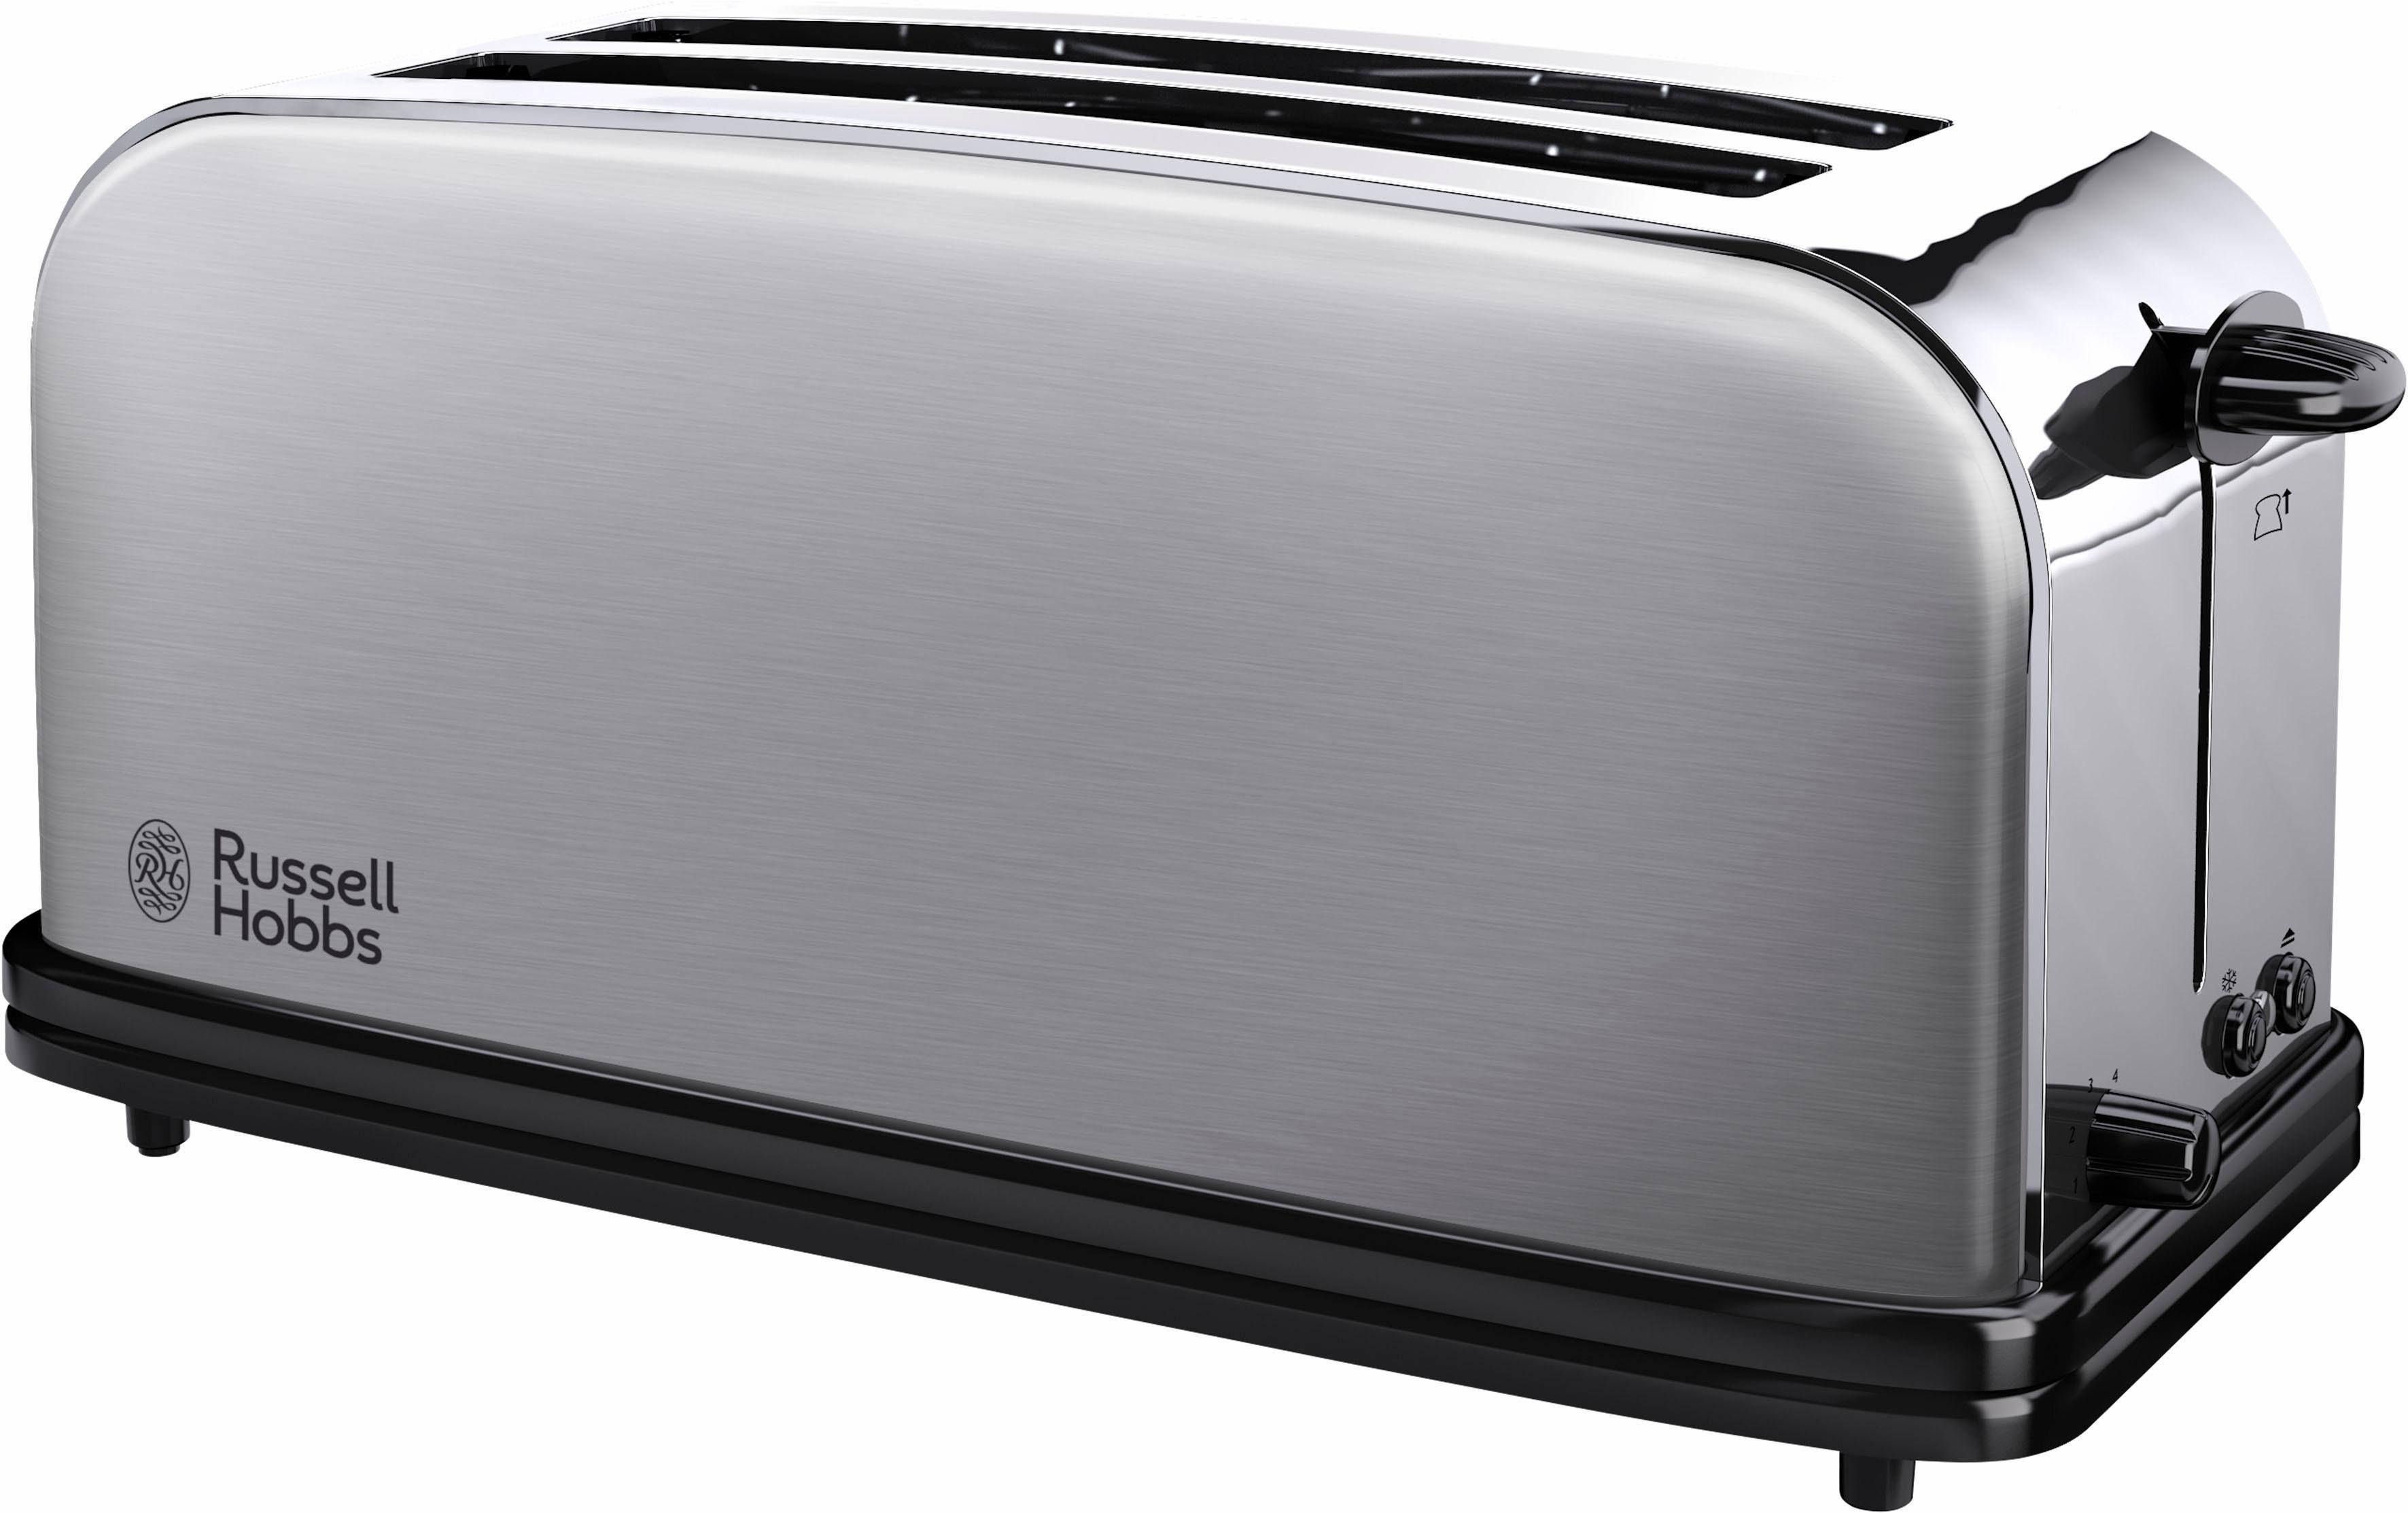 RUSSELL HOBBS Toaster Adventure 23610-56, 2 lange Schlitze, für 2 Scheiben, 1600 W